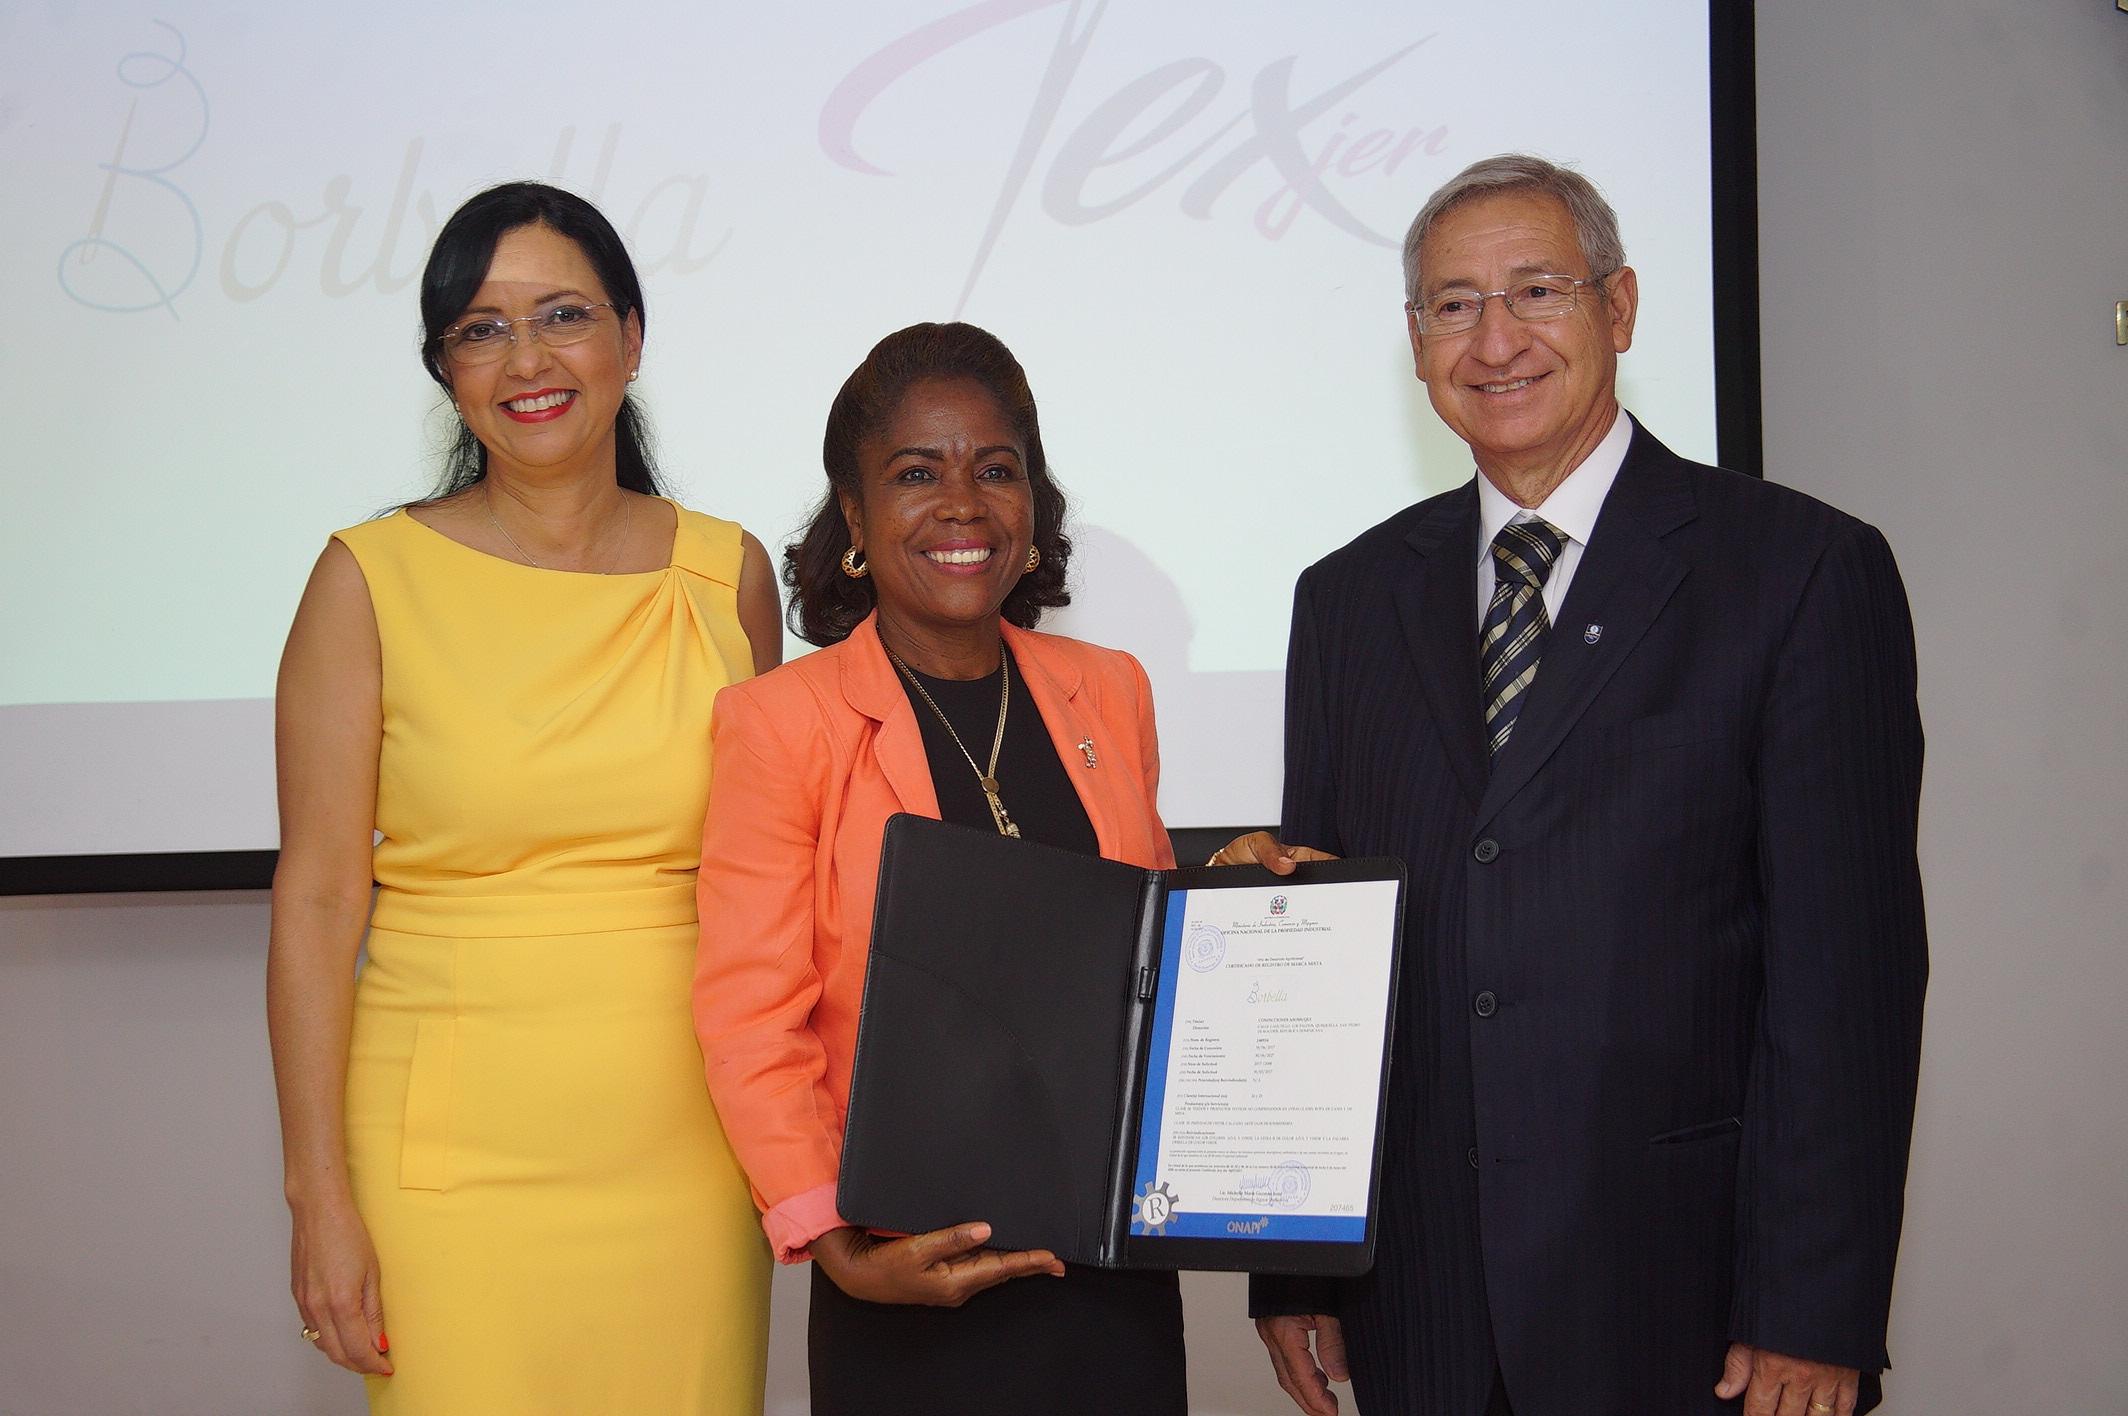 Dra. Sandy Lockward, Sra. Maria Tussent de Borbella y el Sr. Andrés Hernández